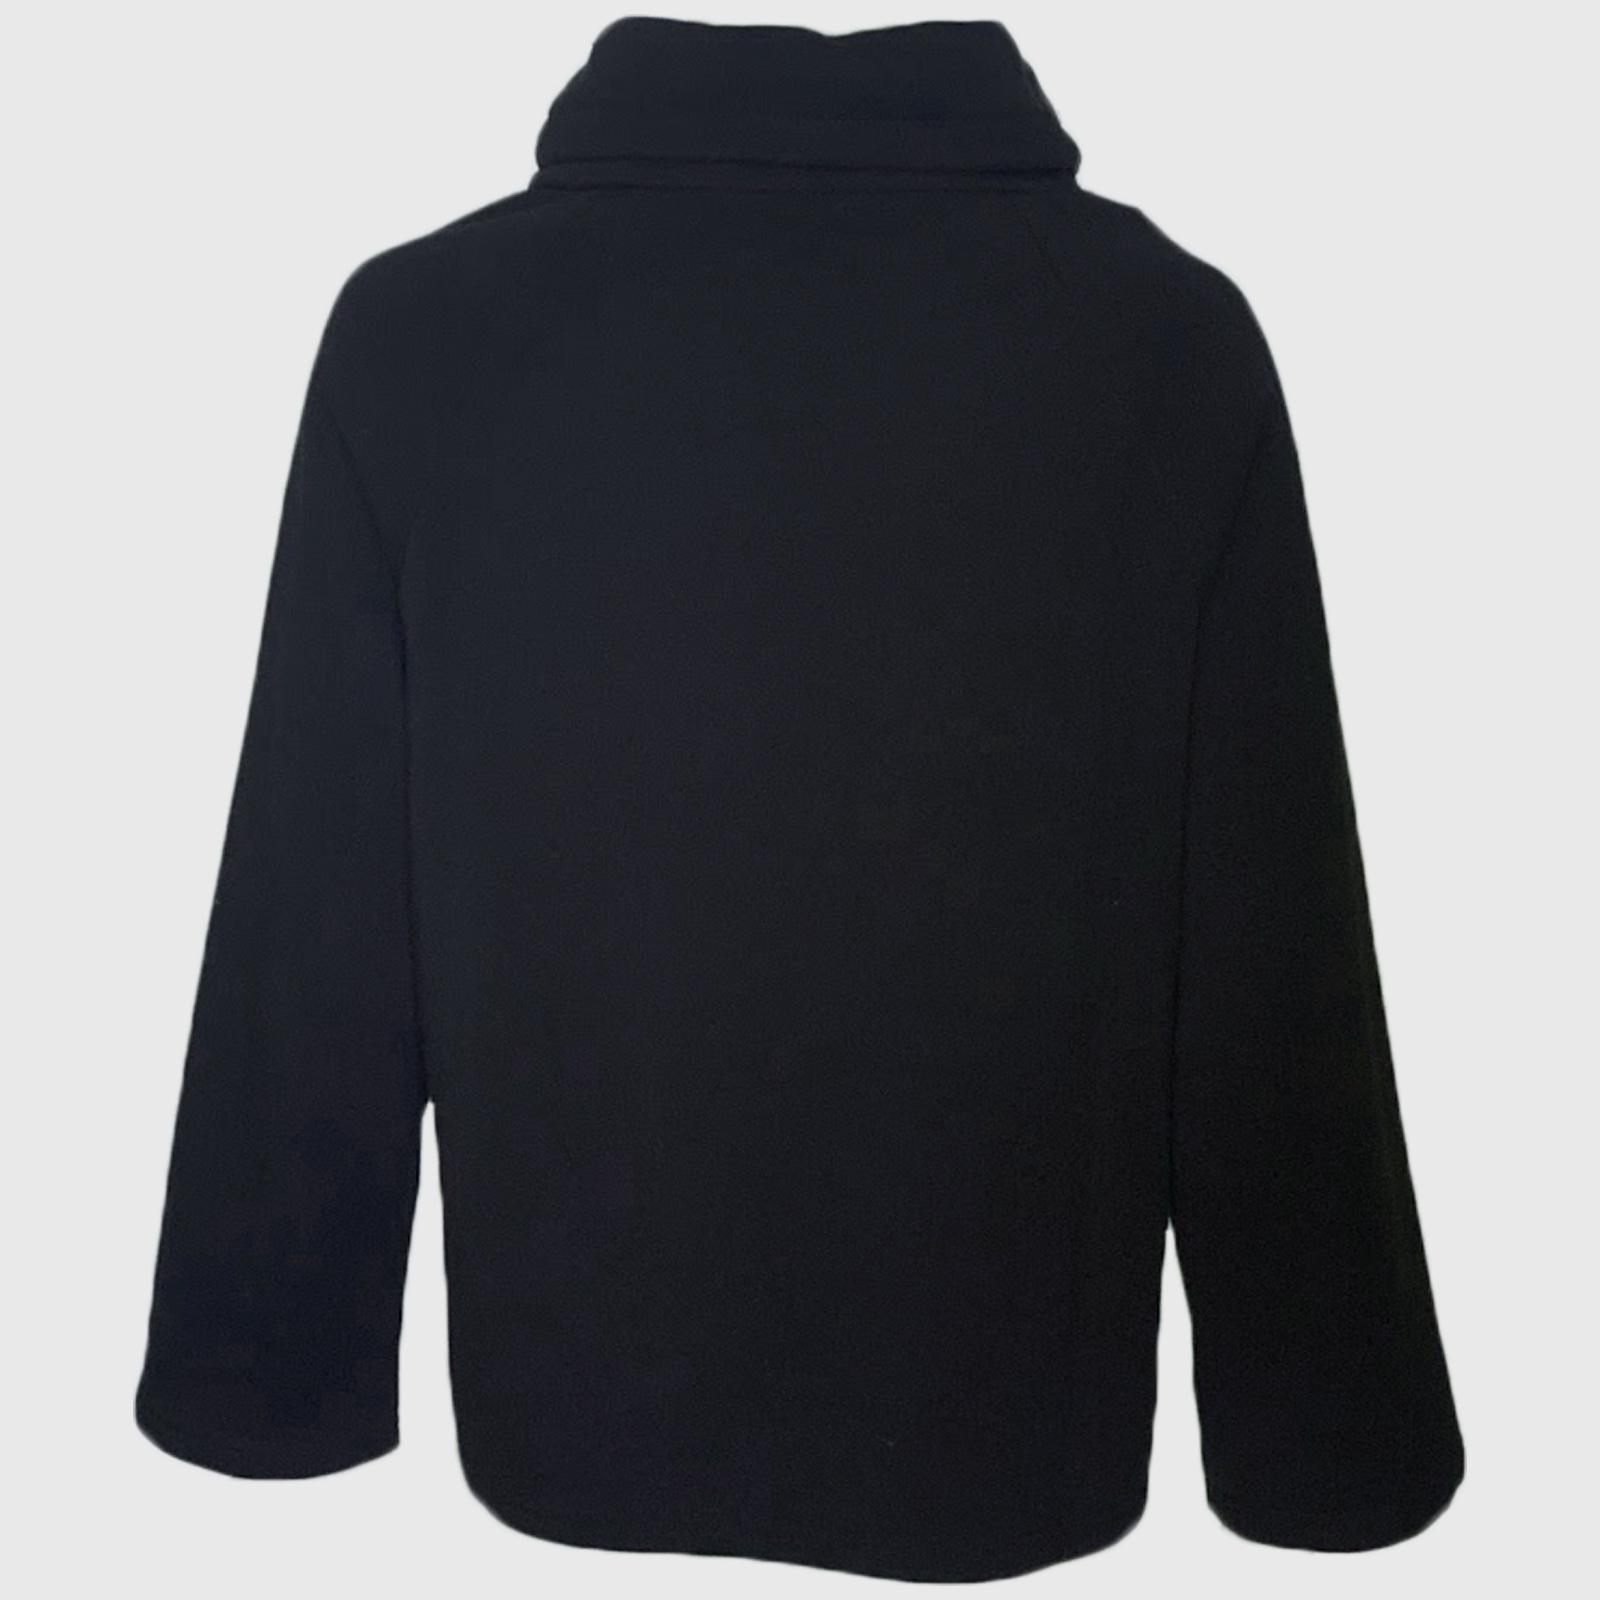 Купить женскую теплую кофту черного цвета